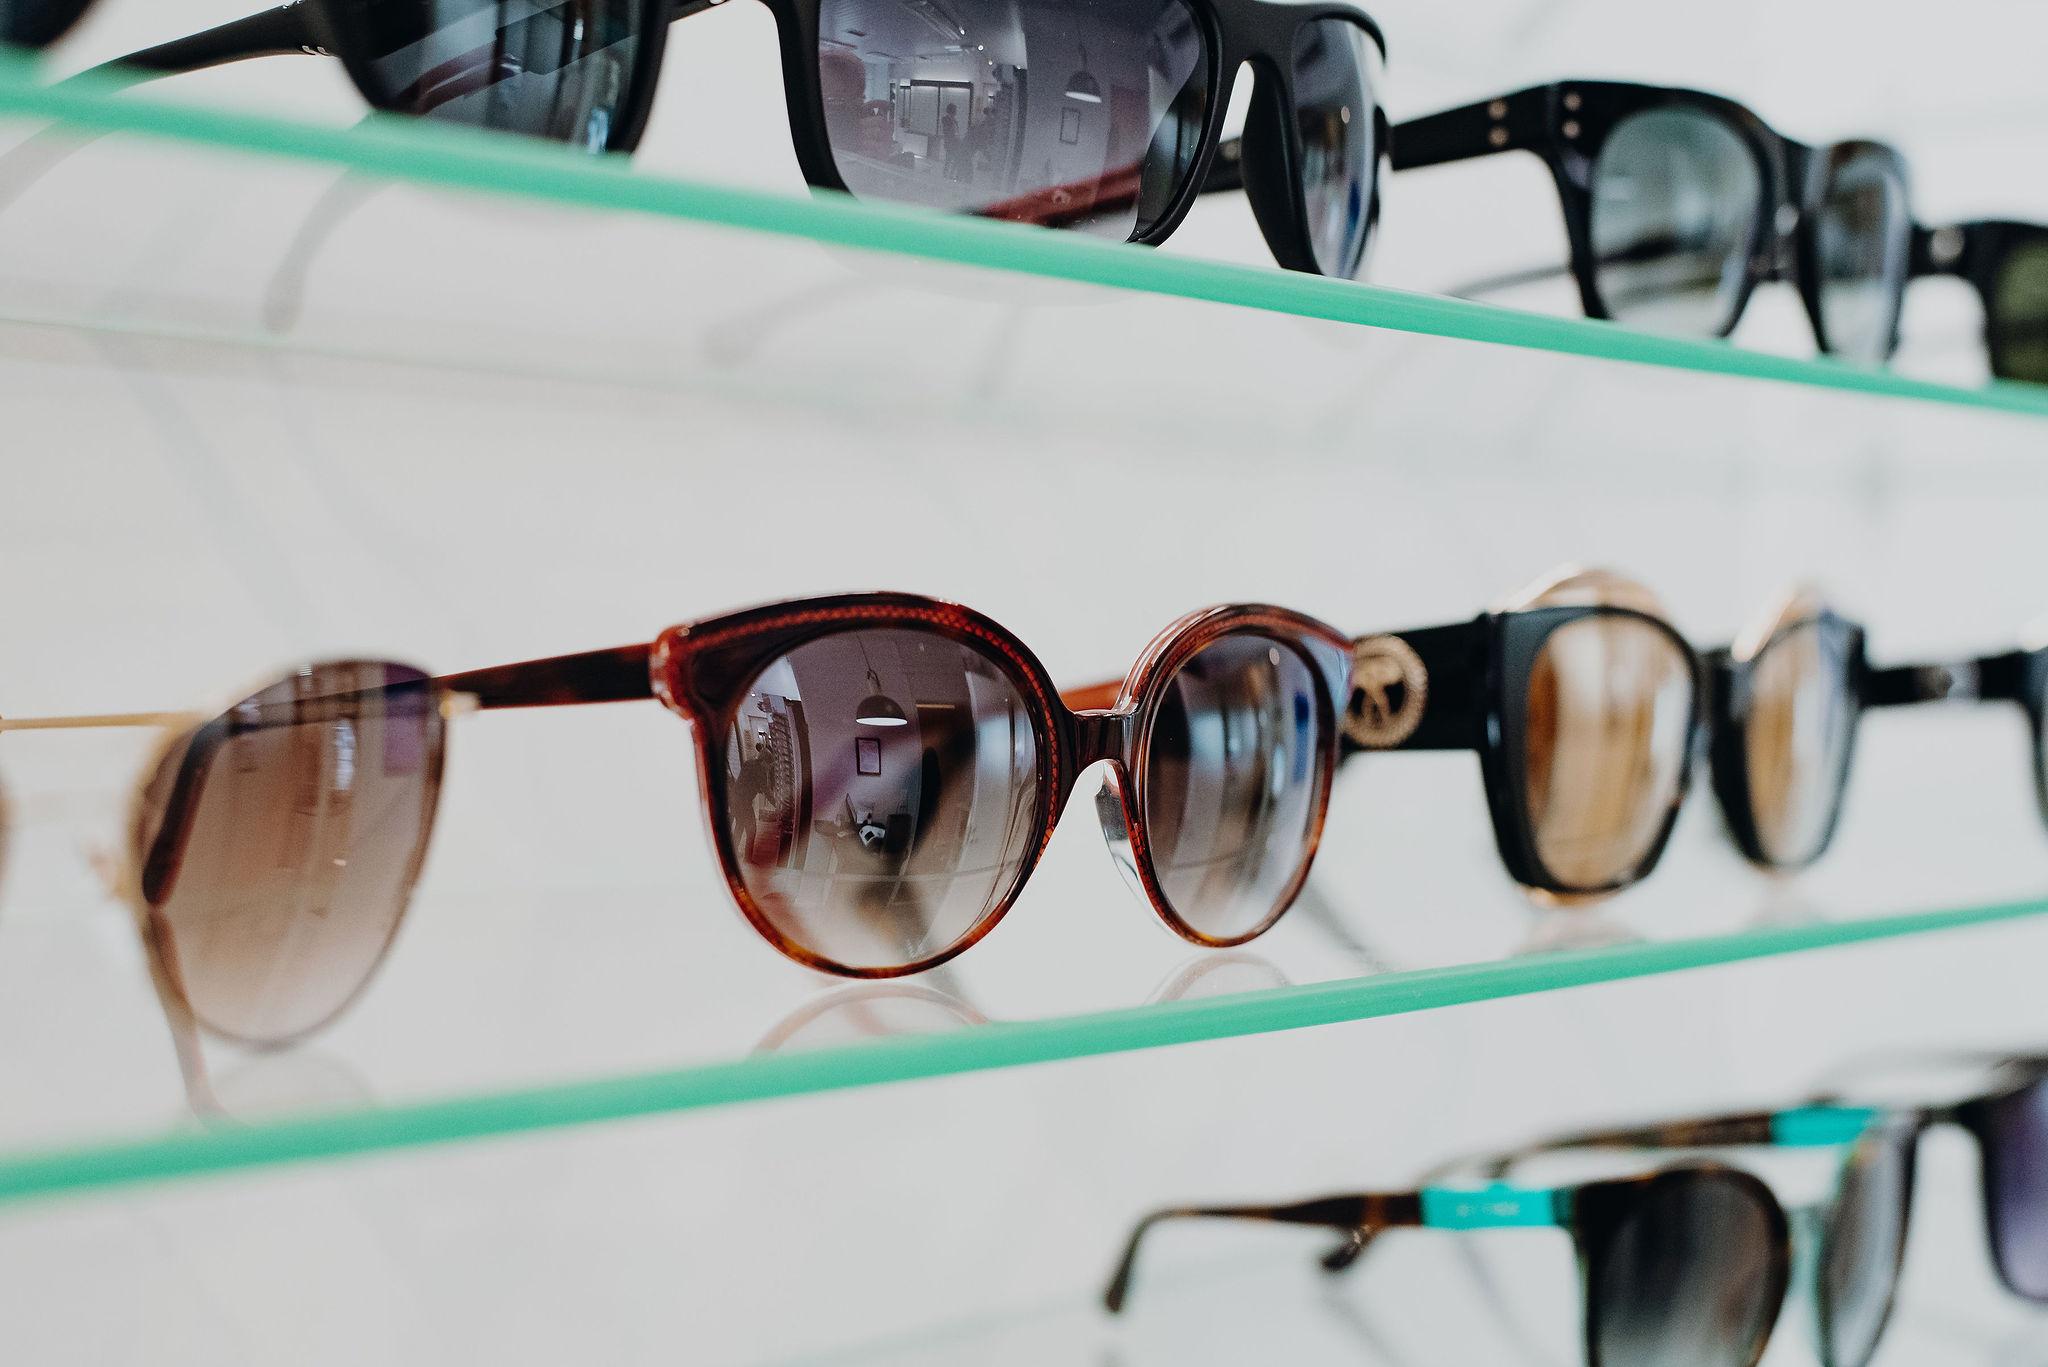 optikko näöntarkistus näöntutkimus silmälasit aurinkolasit